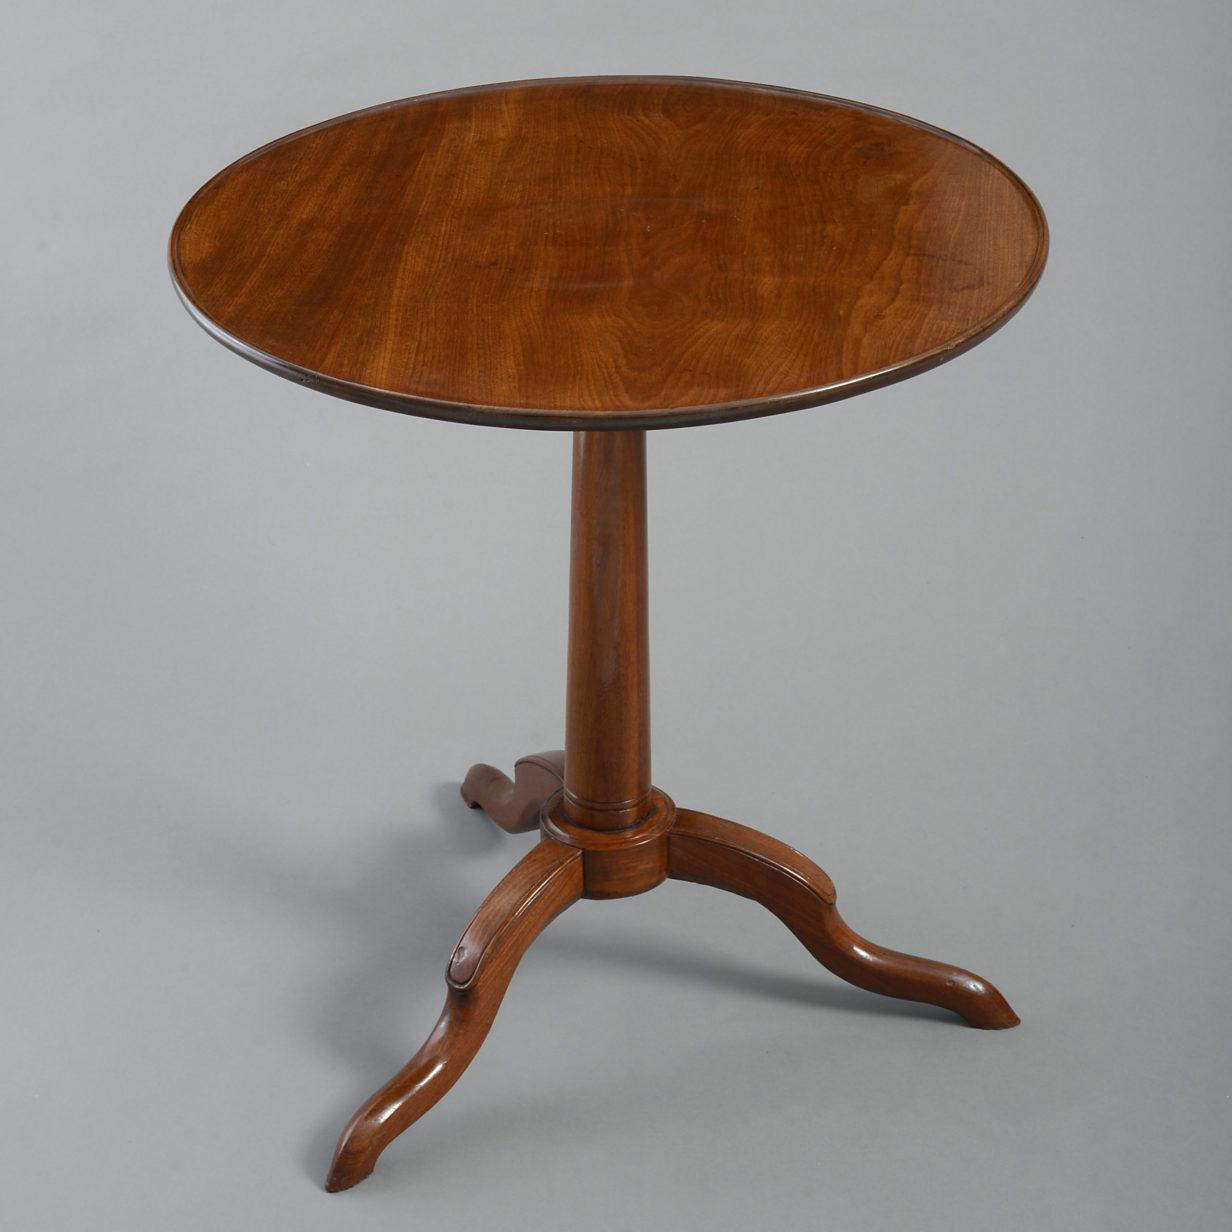 A Louis XVI Tripod Table